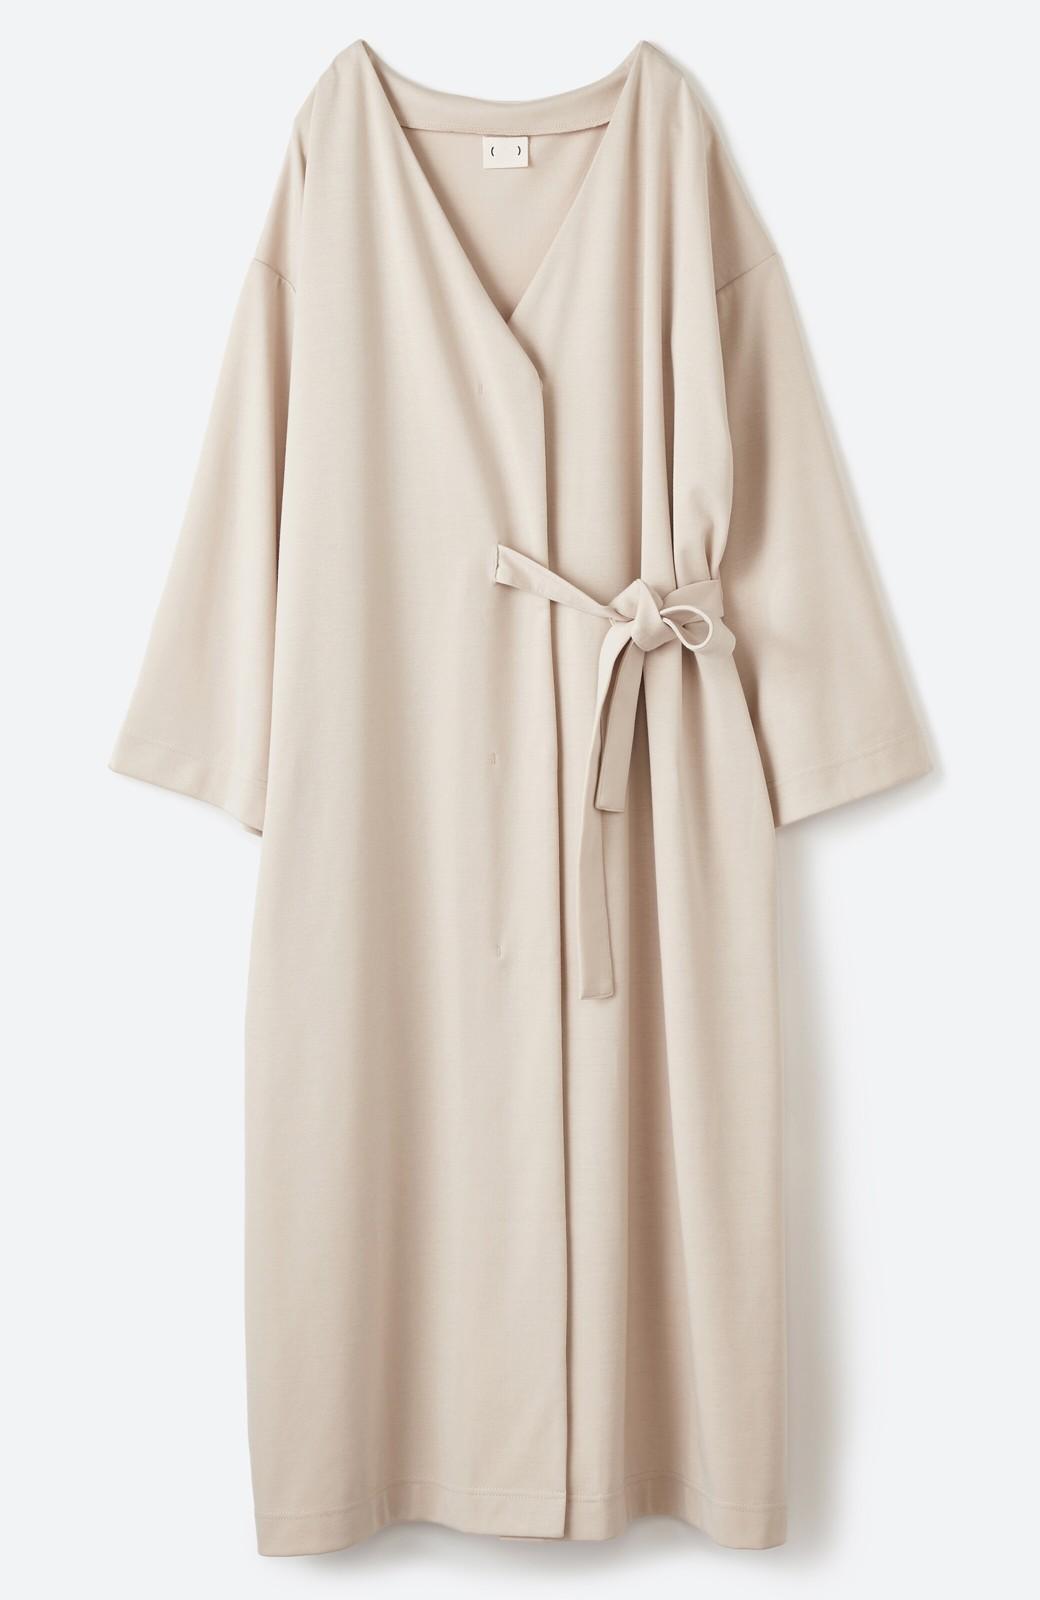 haco! サイドリボンと落ち感が女っぽい 羽織り&重ね着を楽しむカットソーワンピース <ピンクベージュ>の商品写真14